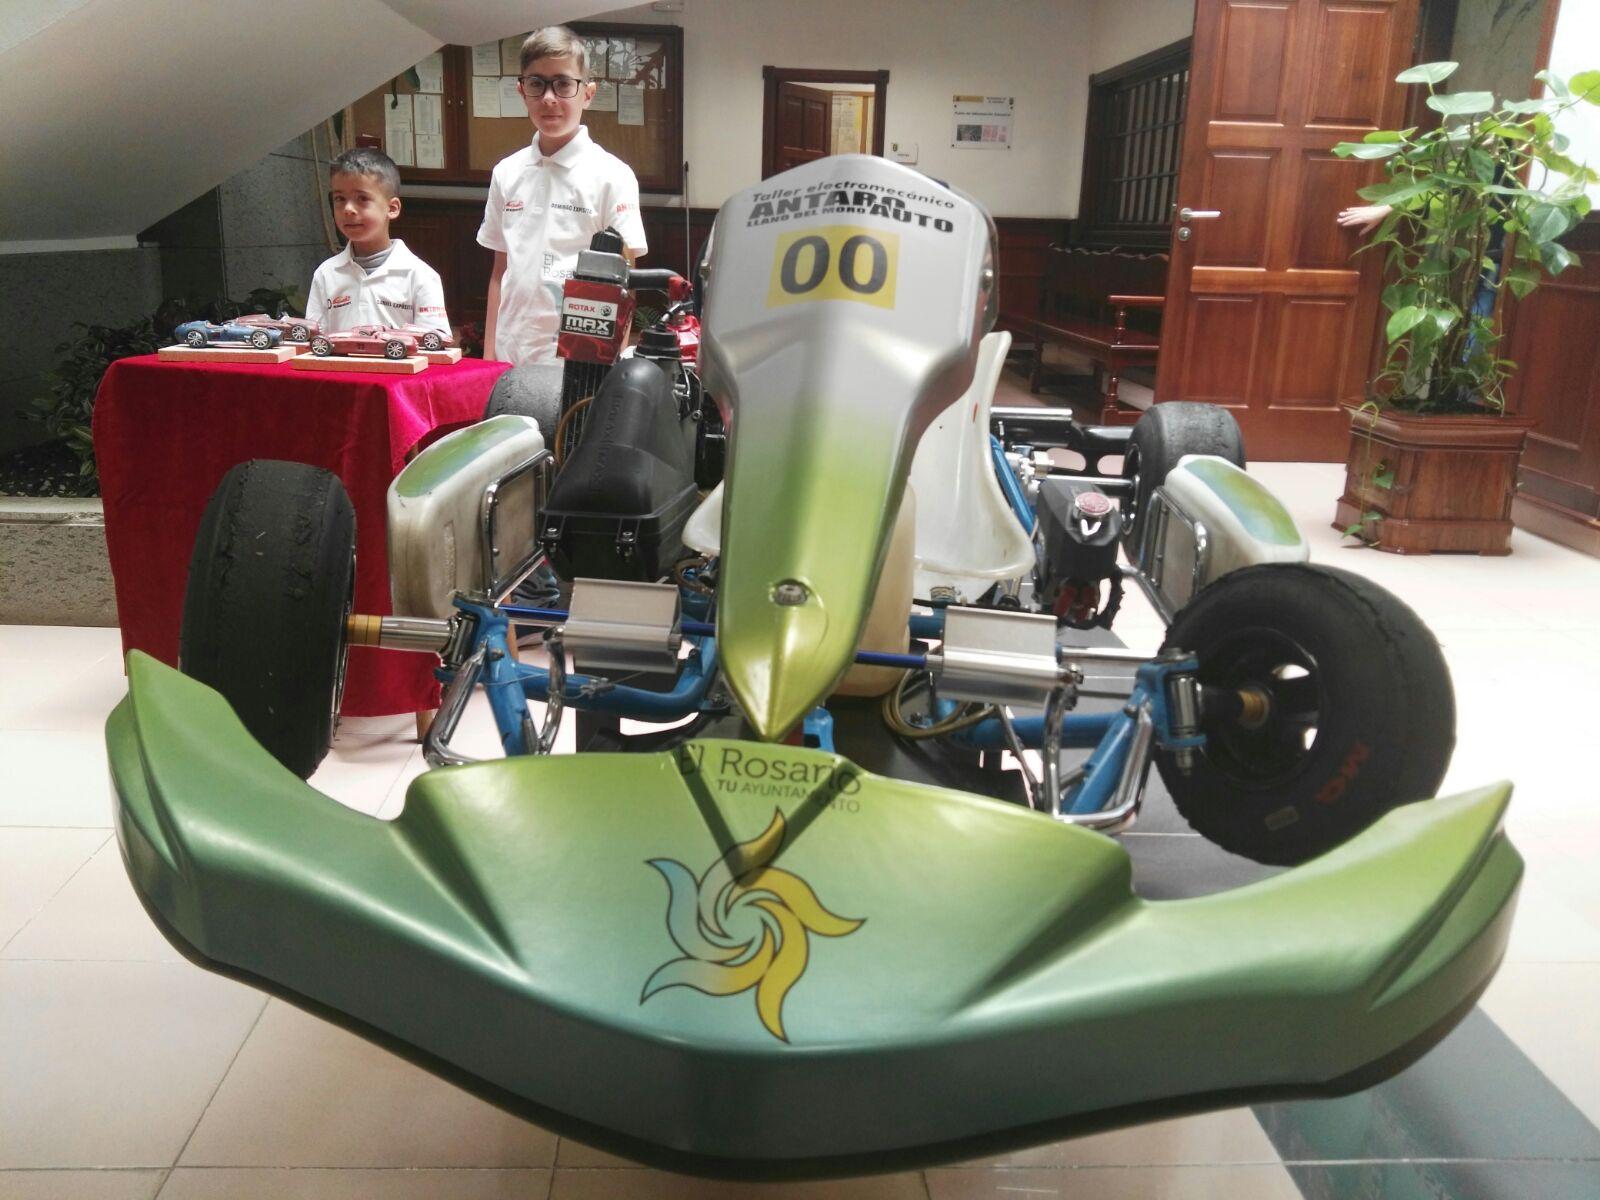 Pilotos kart El Rosario (2)